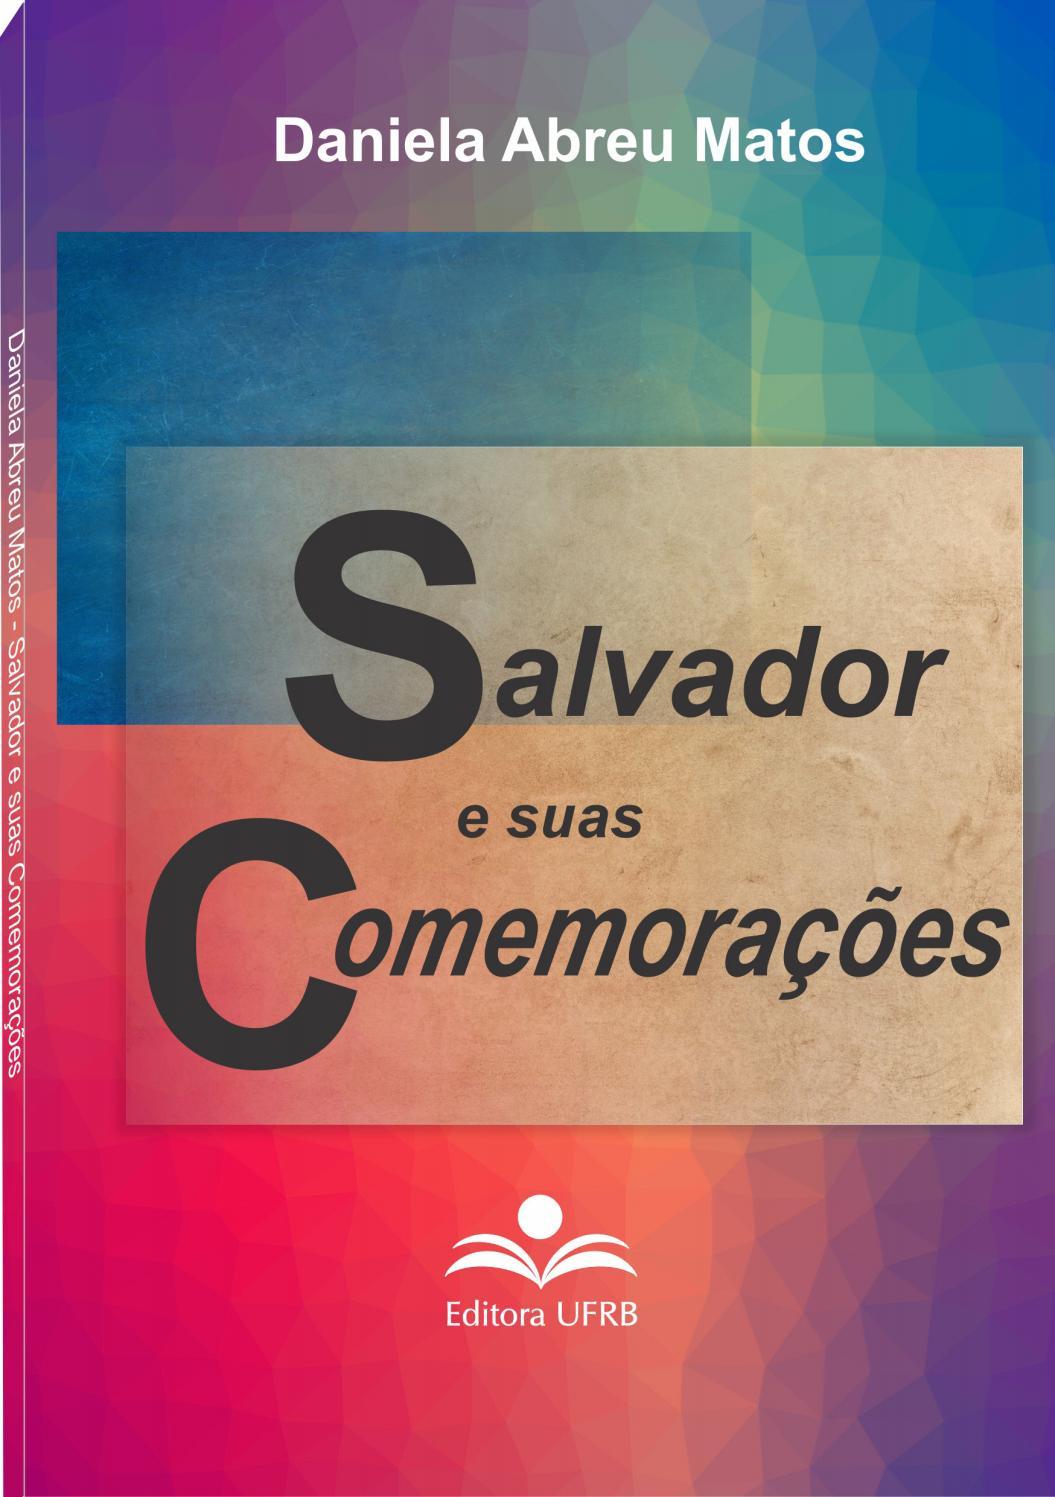 7e4dd57ee6b1b SALVADOR E SUAS COMEMORAÇÕES: MEMÓRIA E IDENTIDADE EM NARRATIVAS OFICIAIS  by EDUFRB - issuu